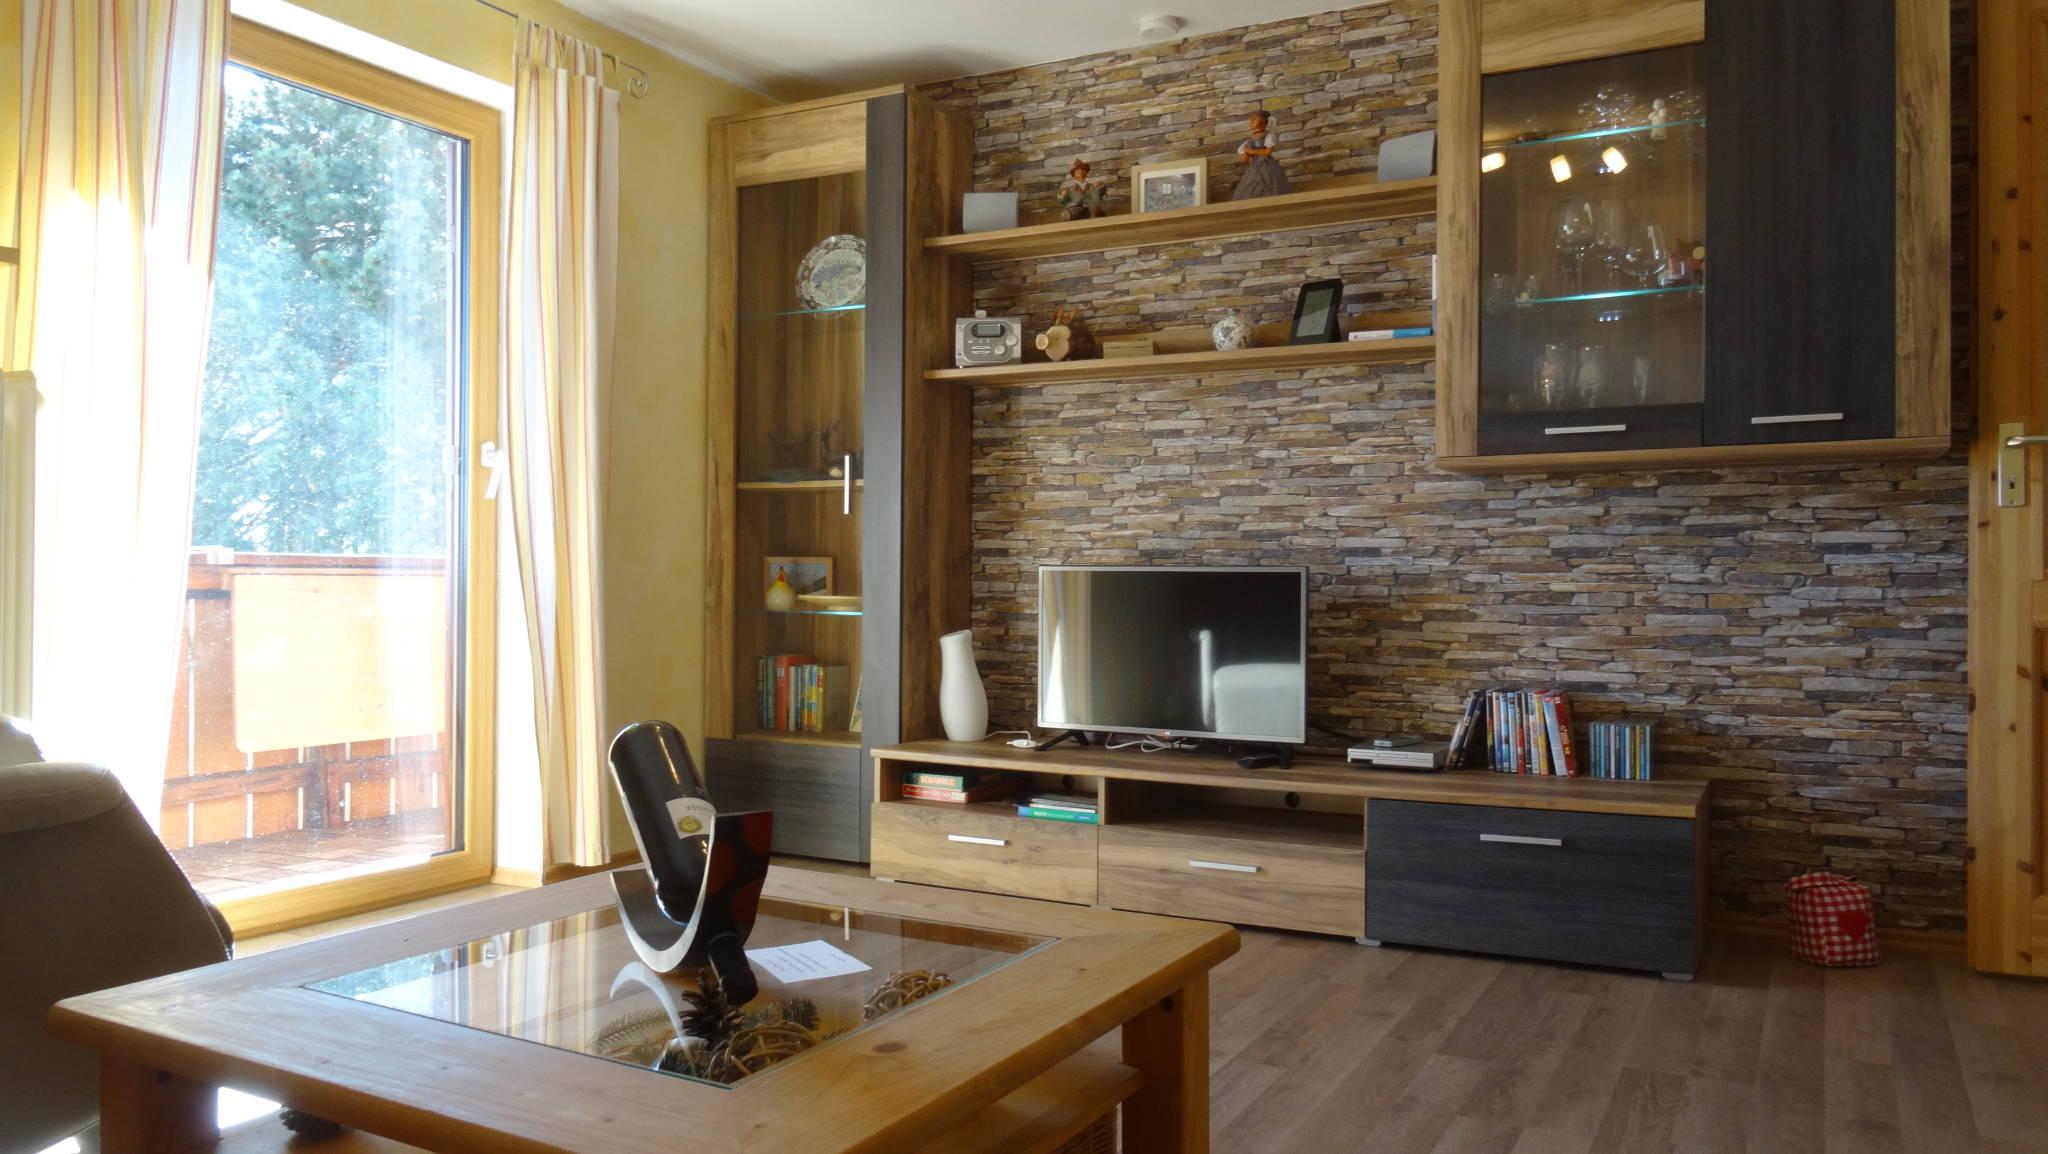 Wohnzimmer mit Bio Ethanol Wandkamin